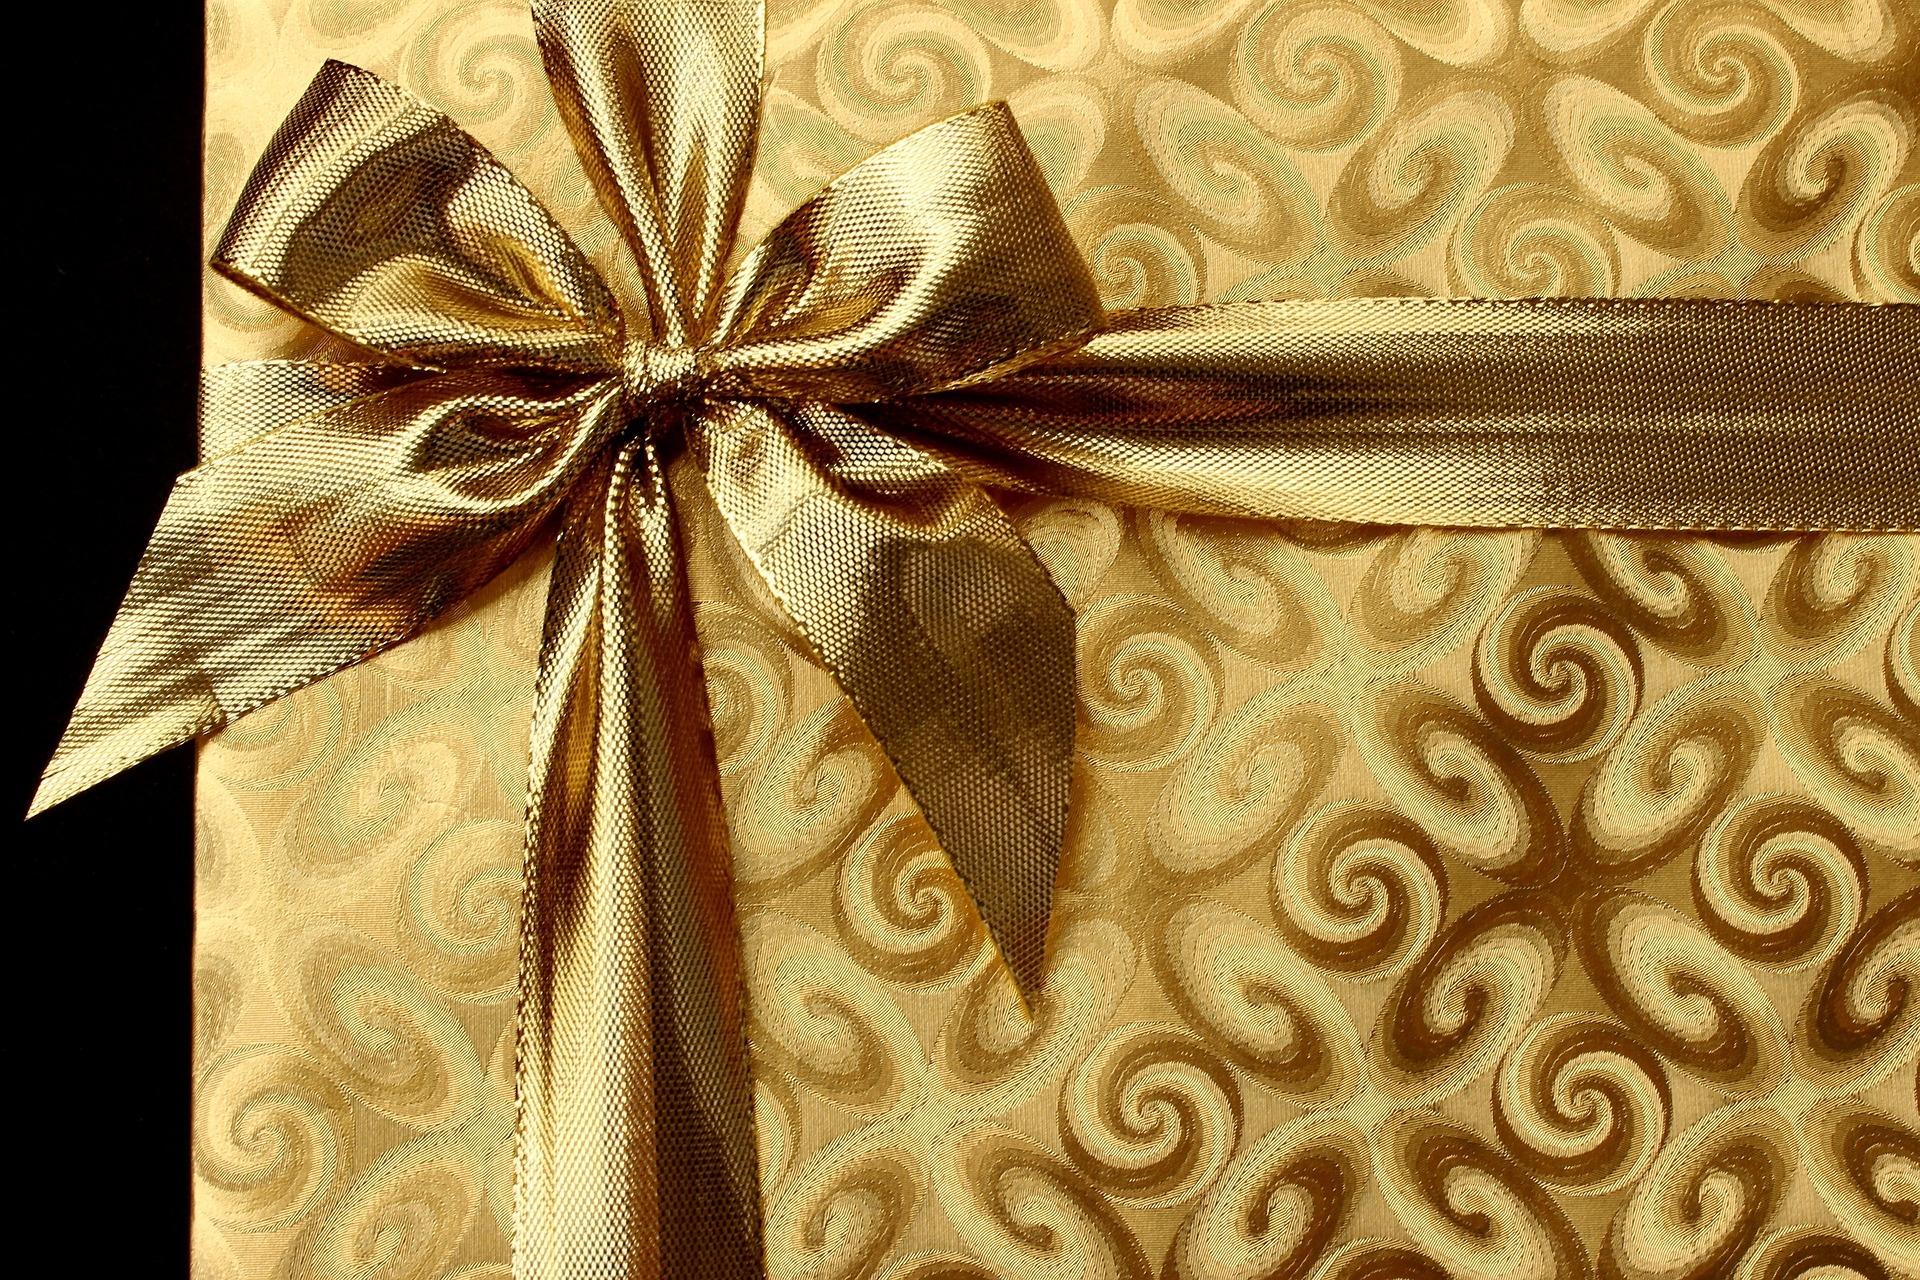 gift-1008894_1920.jpg